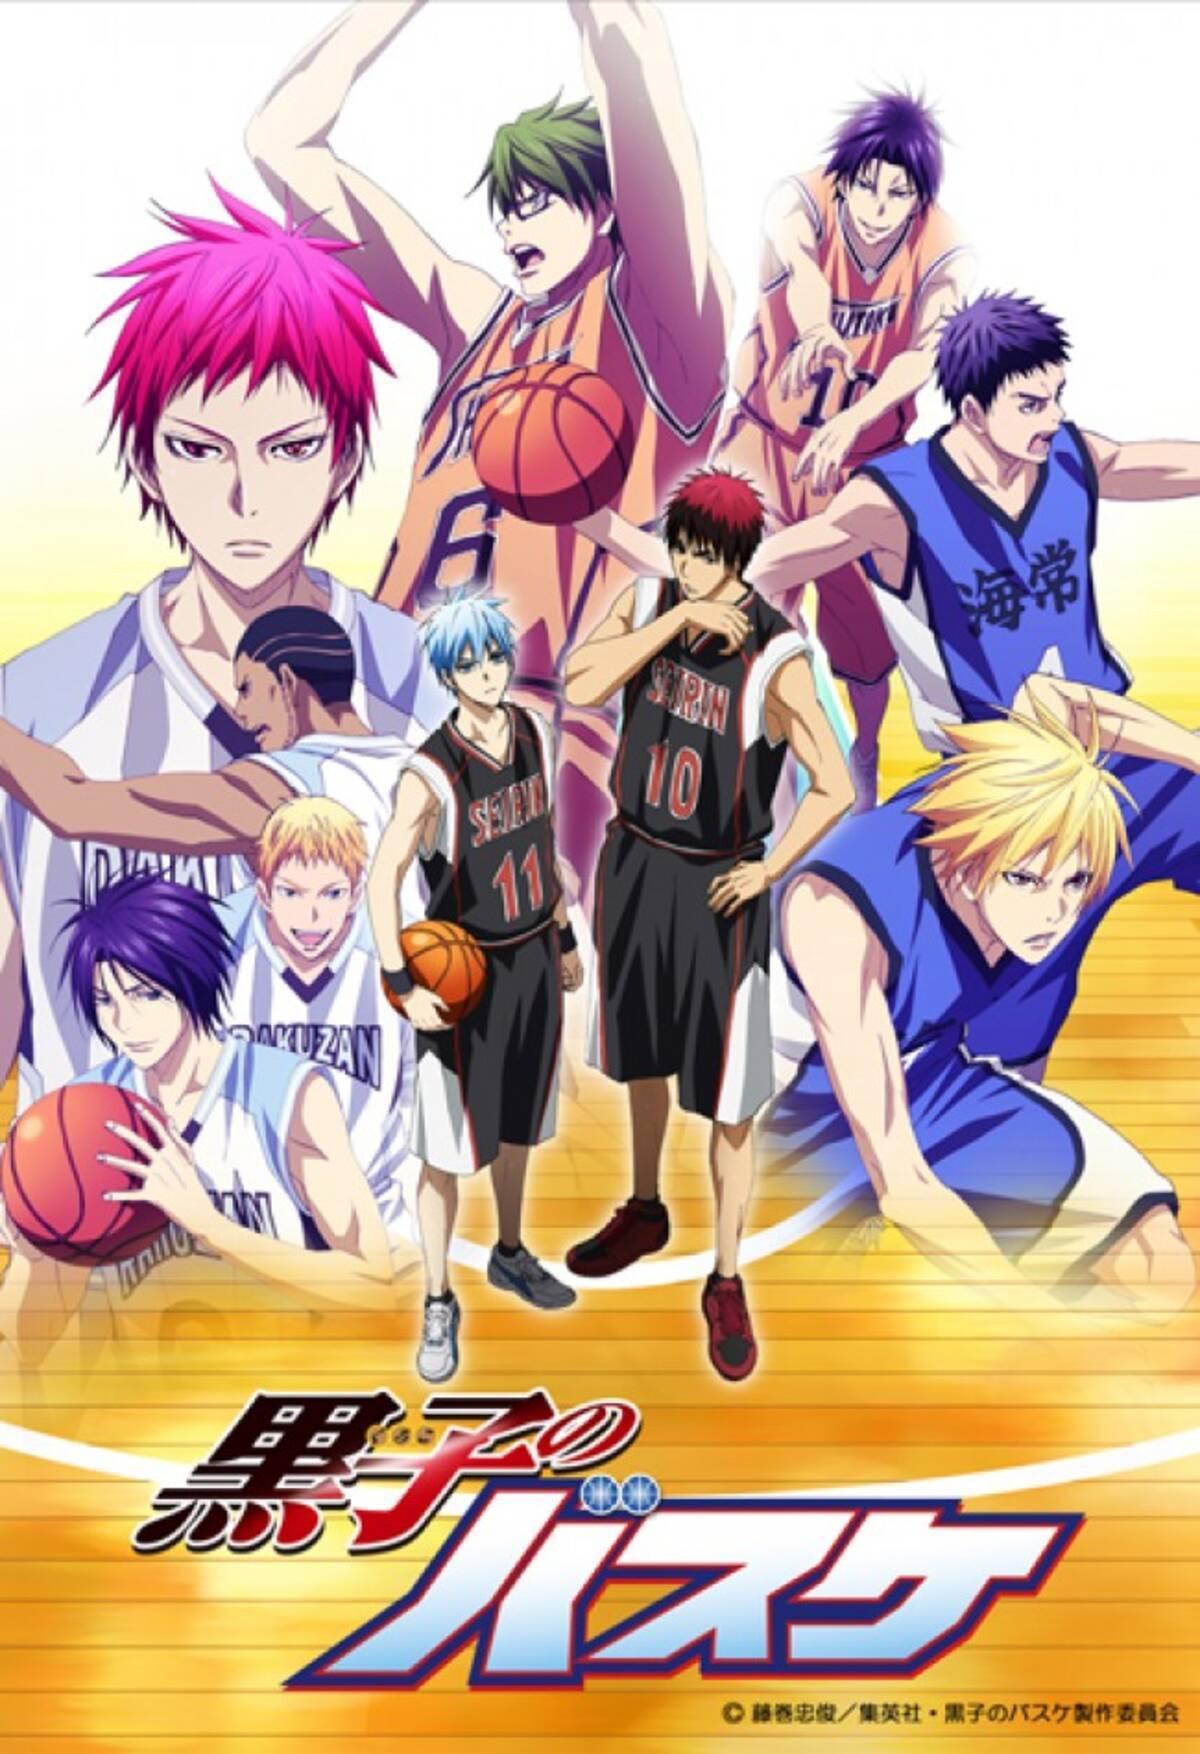 黒子のバスケ テレビアニメ第3期がついに始動 先行場面写真